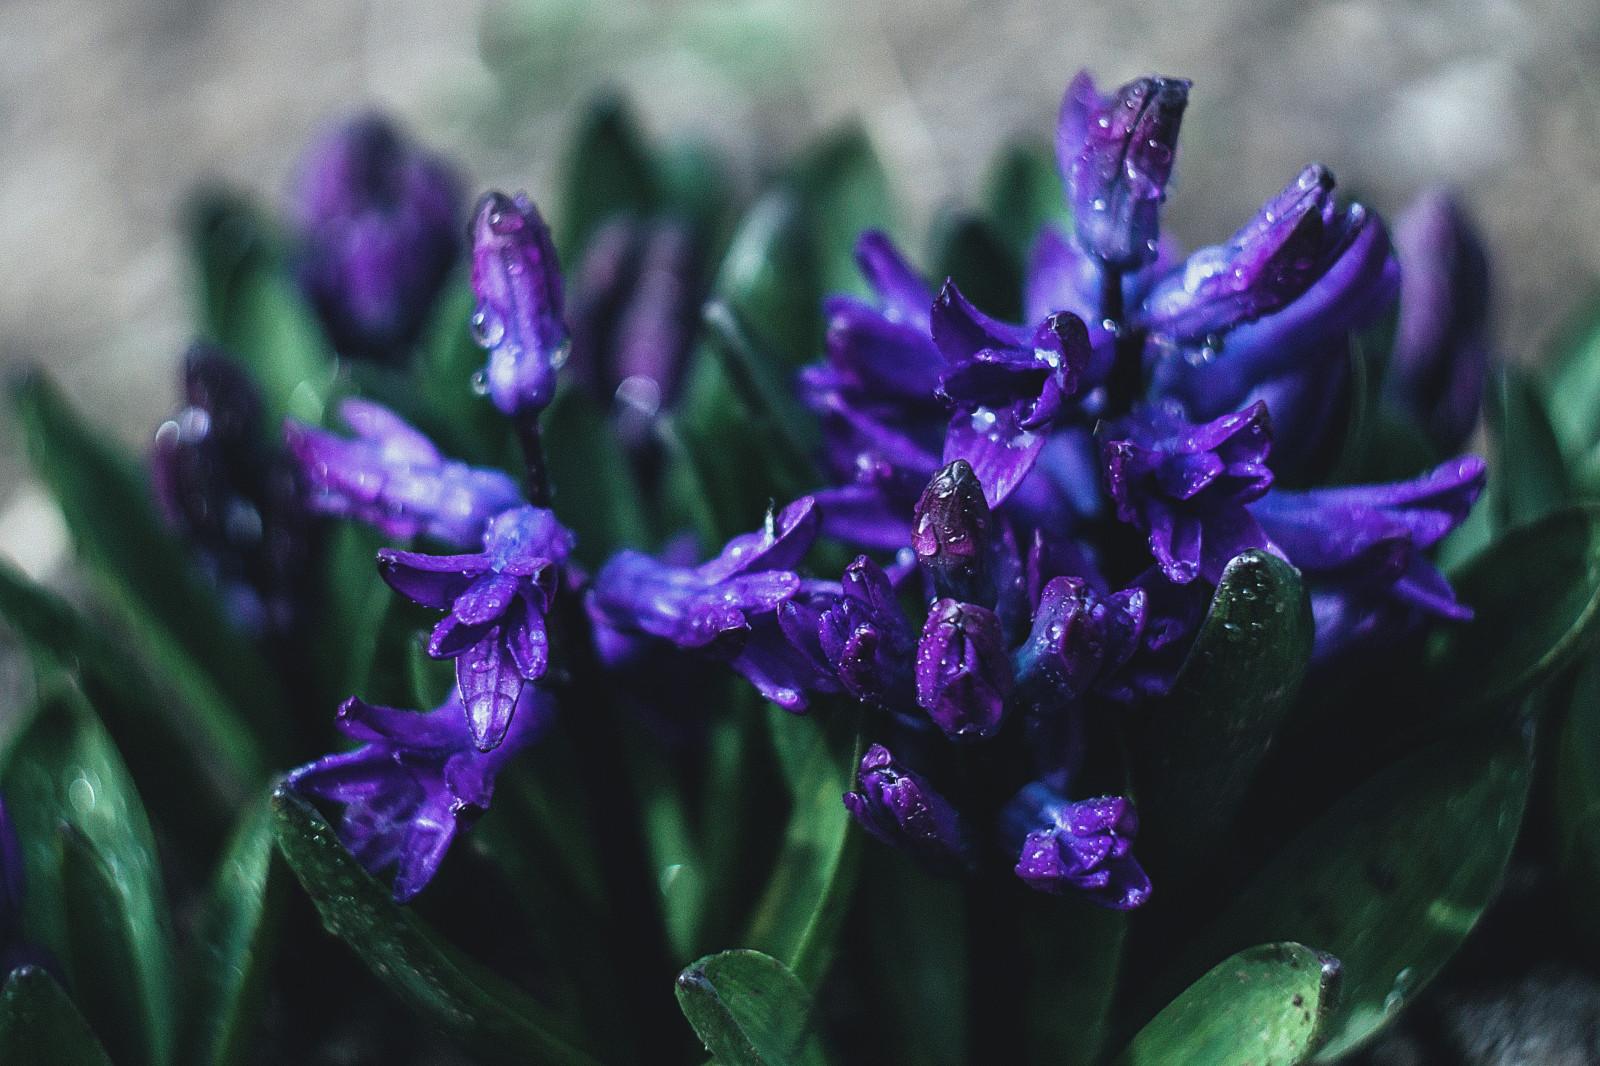 hintergrundbilder blumen natur lila wassertropfen nahansicht lavendel iris blume auge. Black Bedroom Furniture Sets. Home Design Ideas